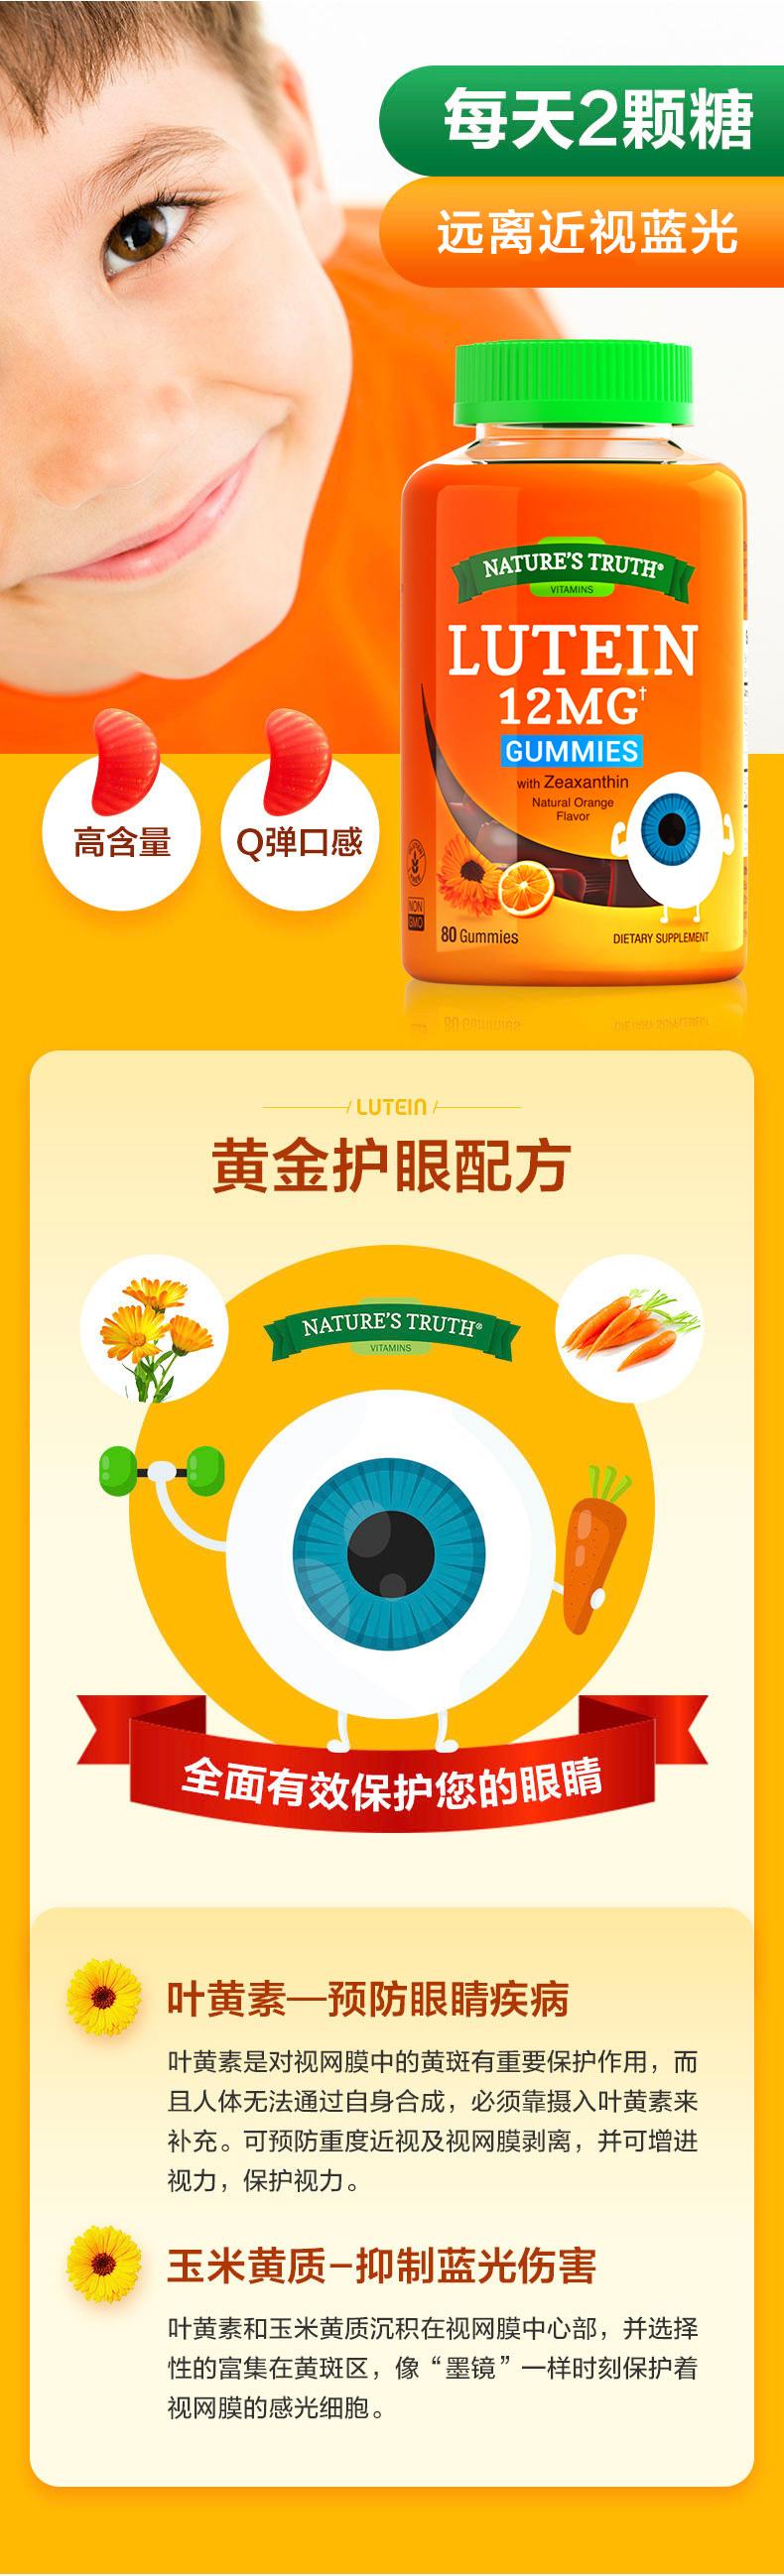 美国进口 自然之珍 叶黄素护眼软糖 80粒x2瓶 保护青少年视力 预防近视 券后99元包邮 买手党-买手聚集的地方